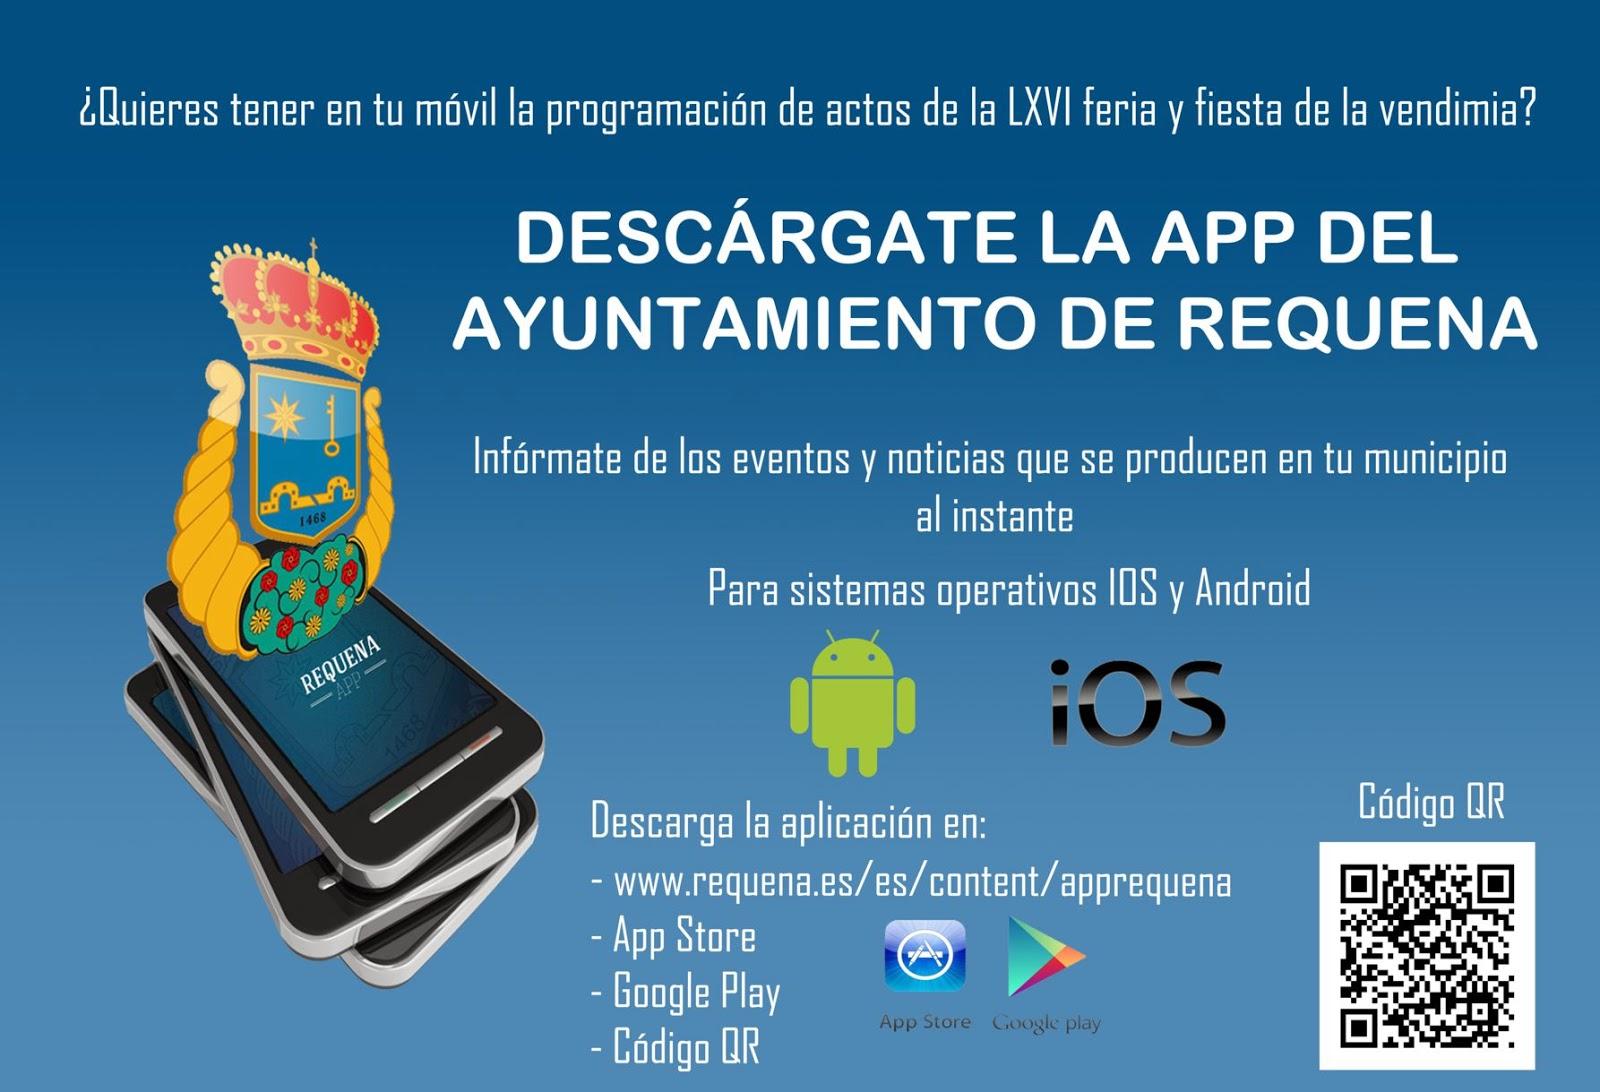 Bodega AndroidSeigreenunpi Aplicacion Aplicacion Bodega De gq gq AndroidSeigreenunpi Aplicacion De De roCdxeB